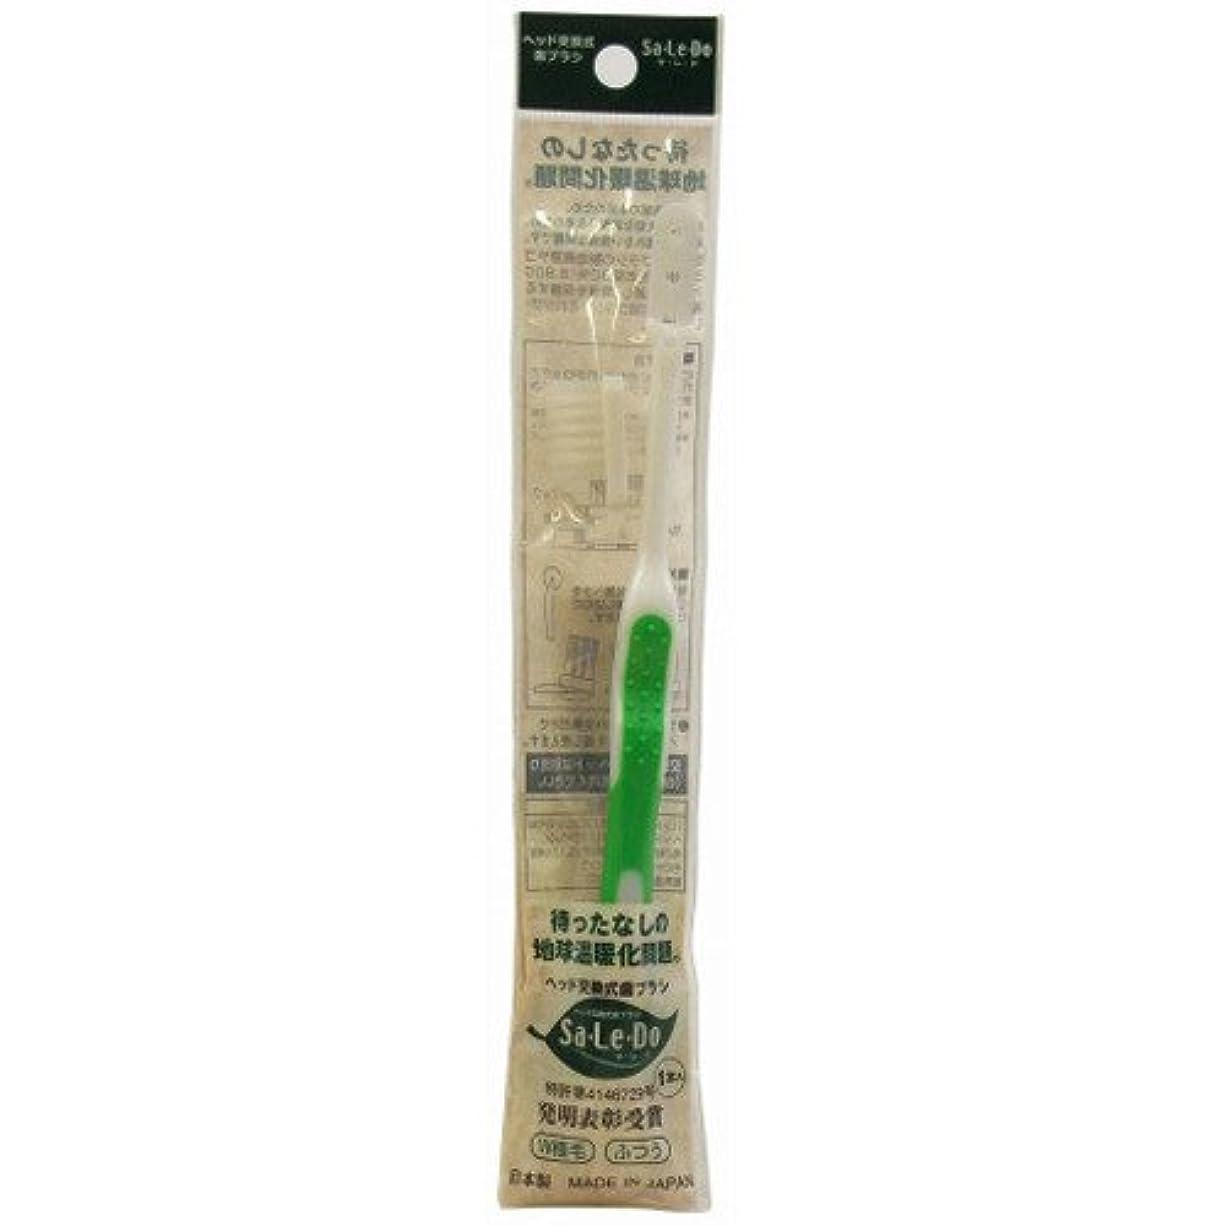 ショップ士気くるみサレド ヘッド交換式歯ブラシ お試しセット レギュラーヘッド グリーン